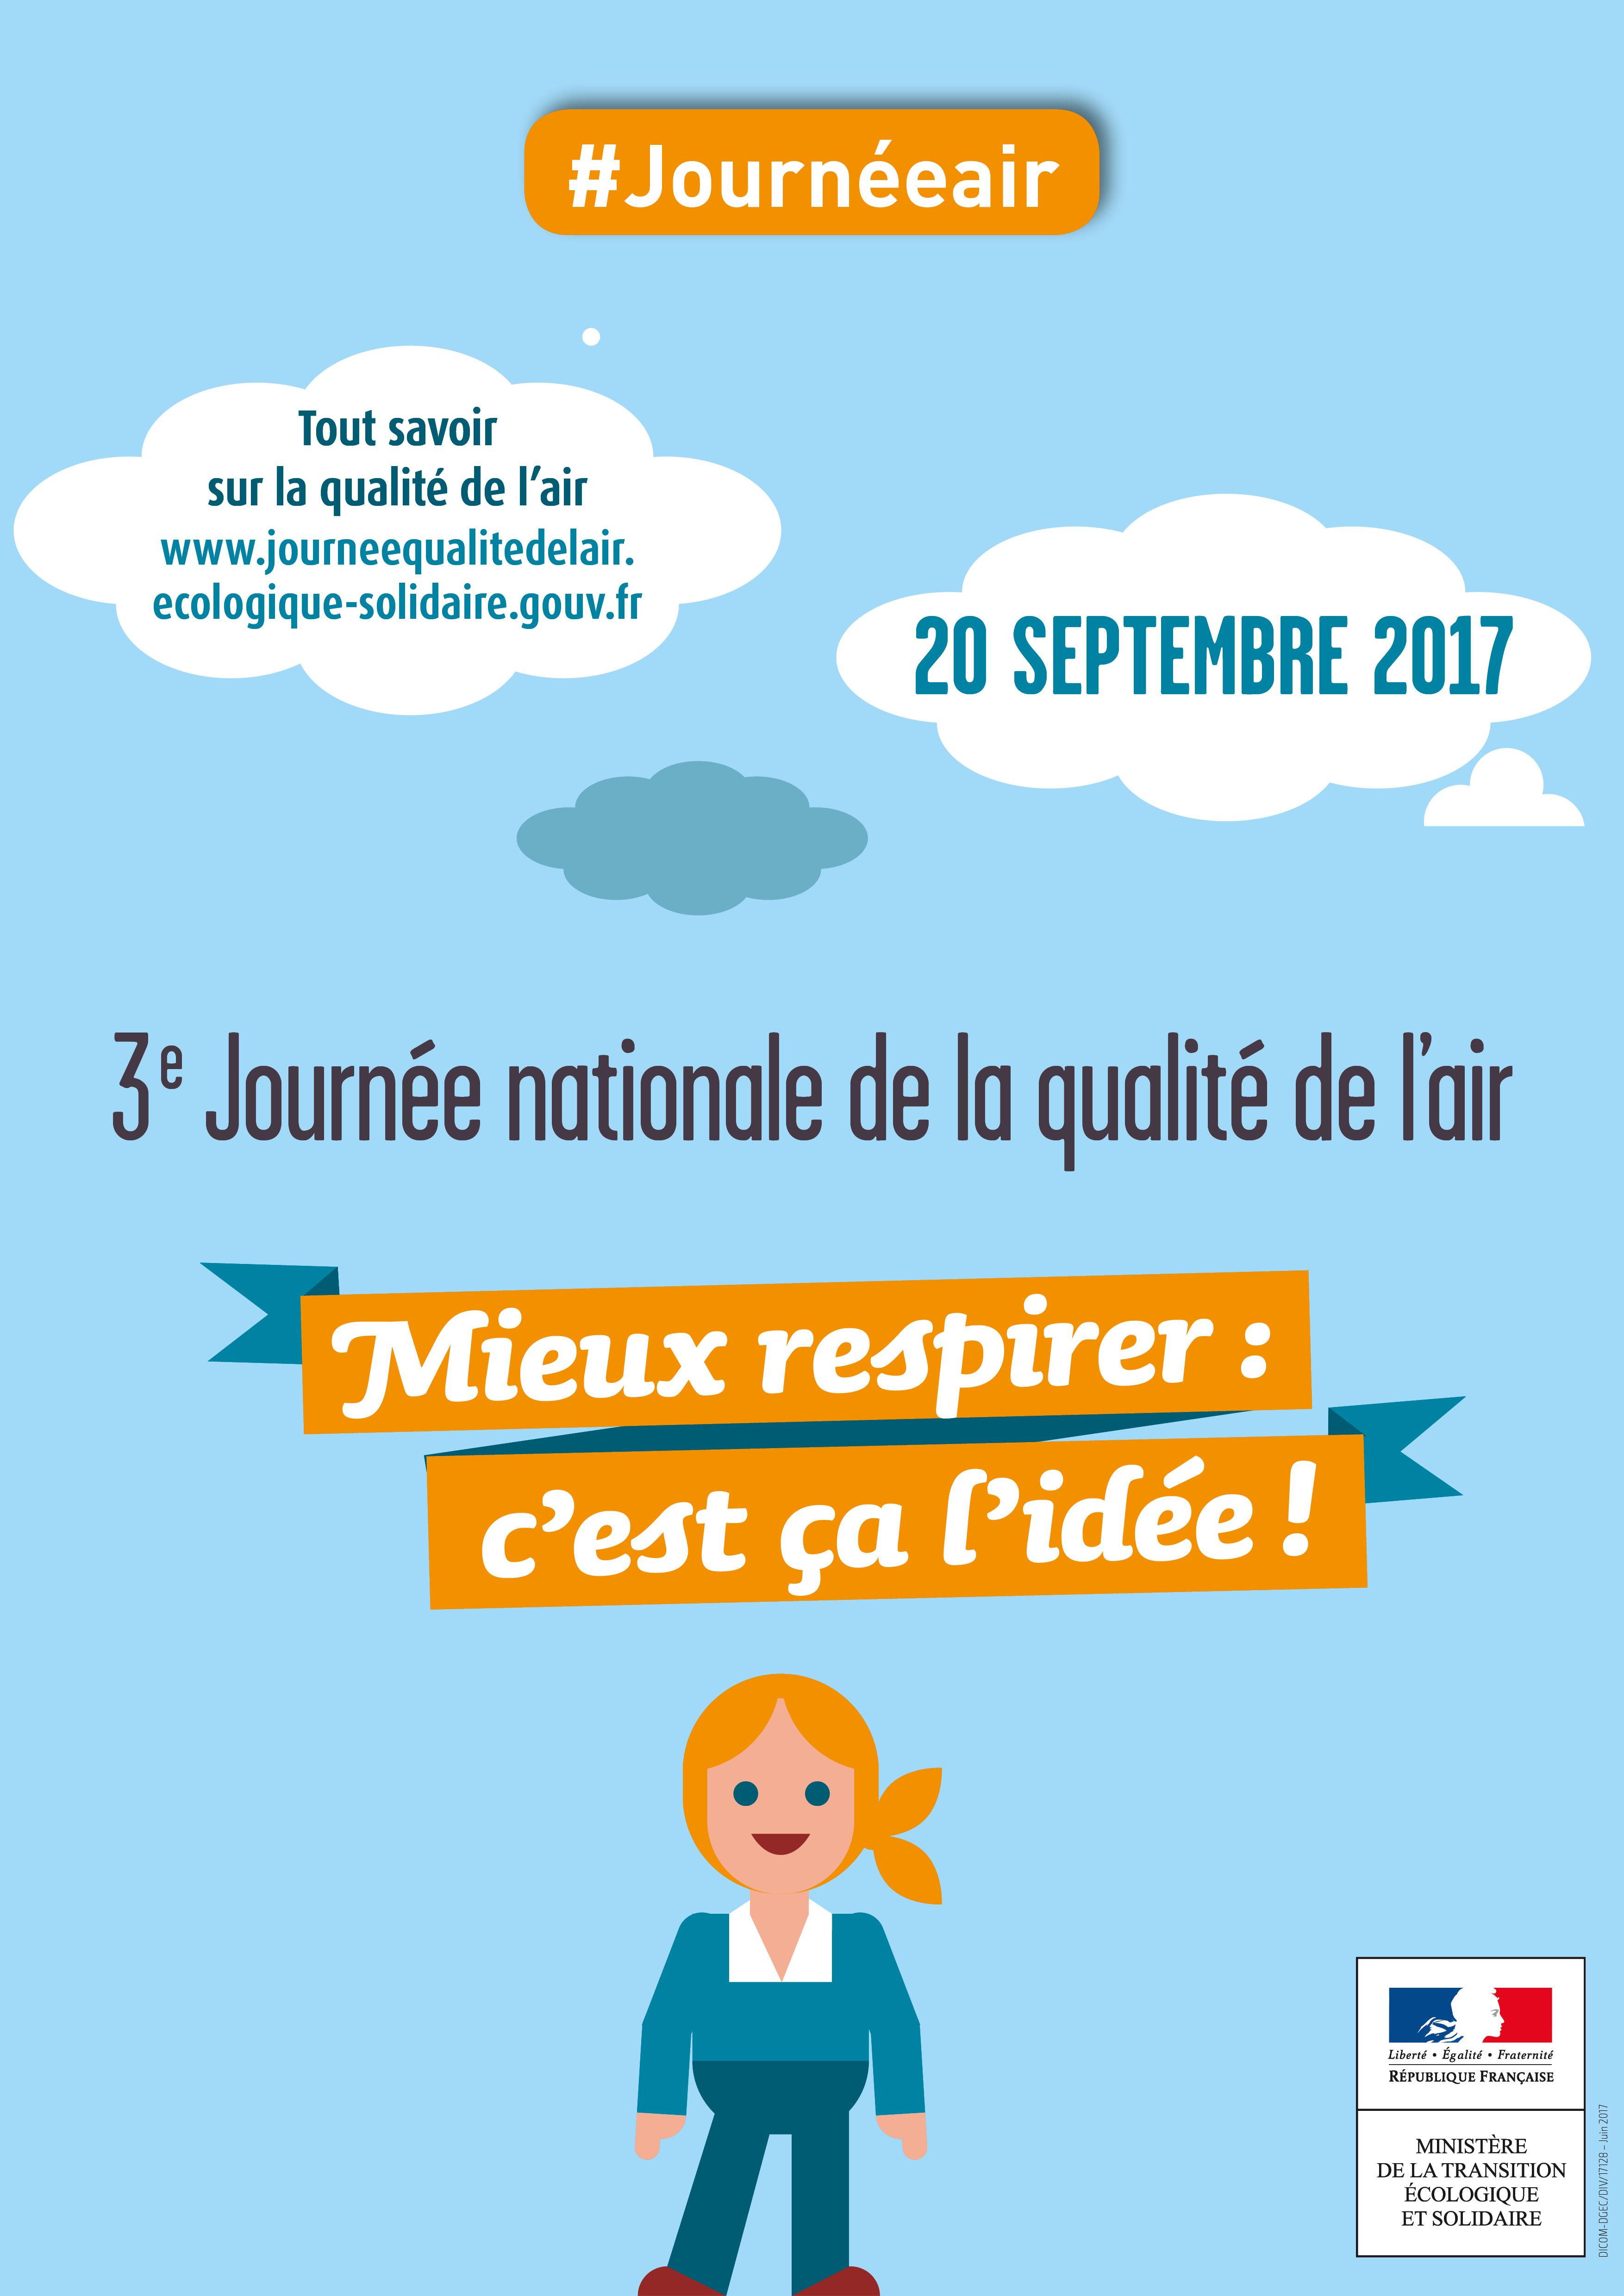 17128_journee-nationale-QA_affiche-pr-participants_A3_HD